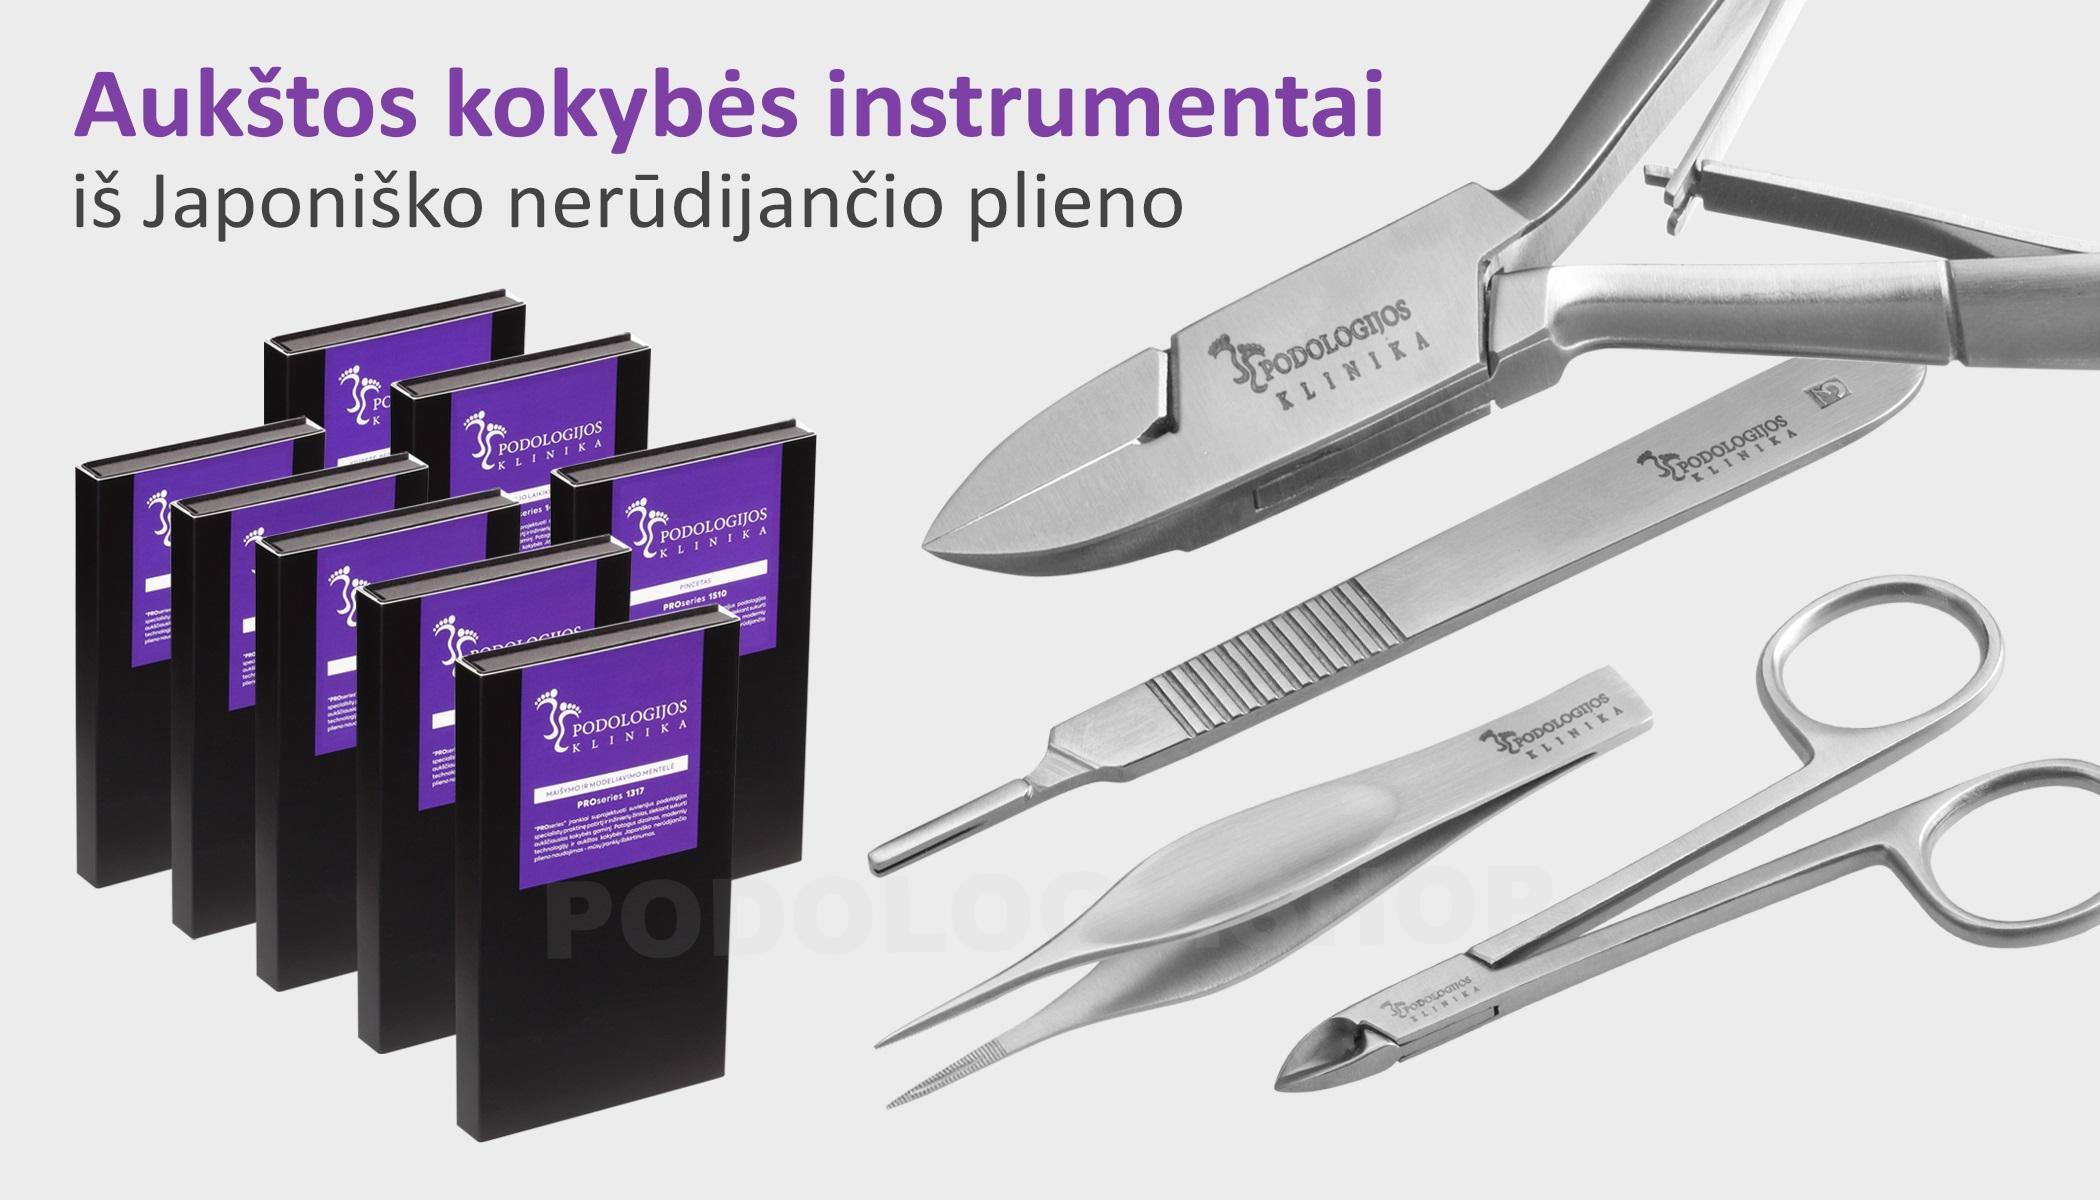 Podologijos klinika instrumentai